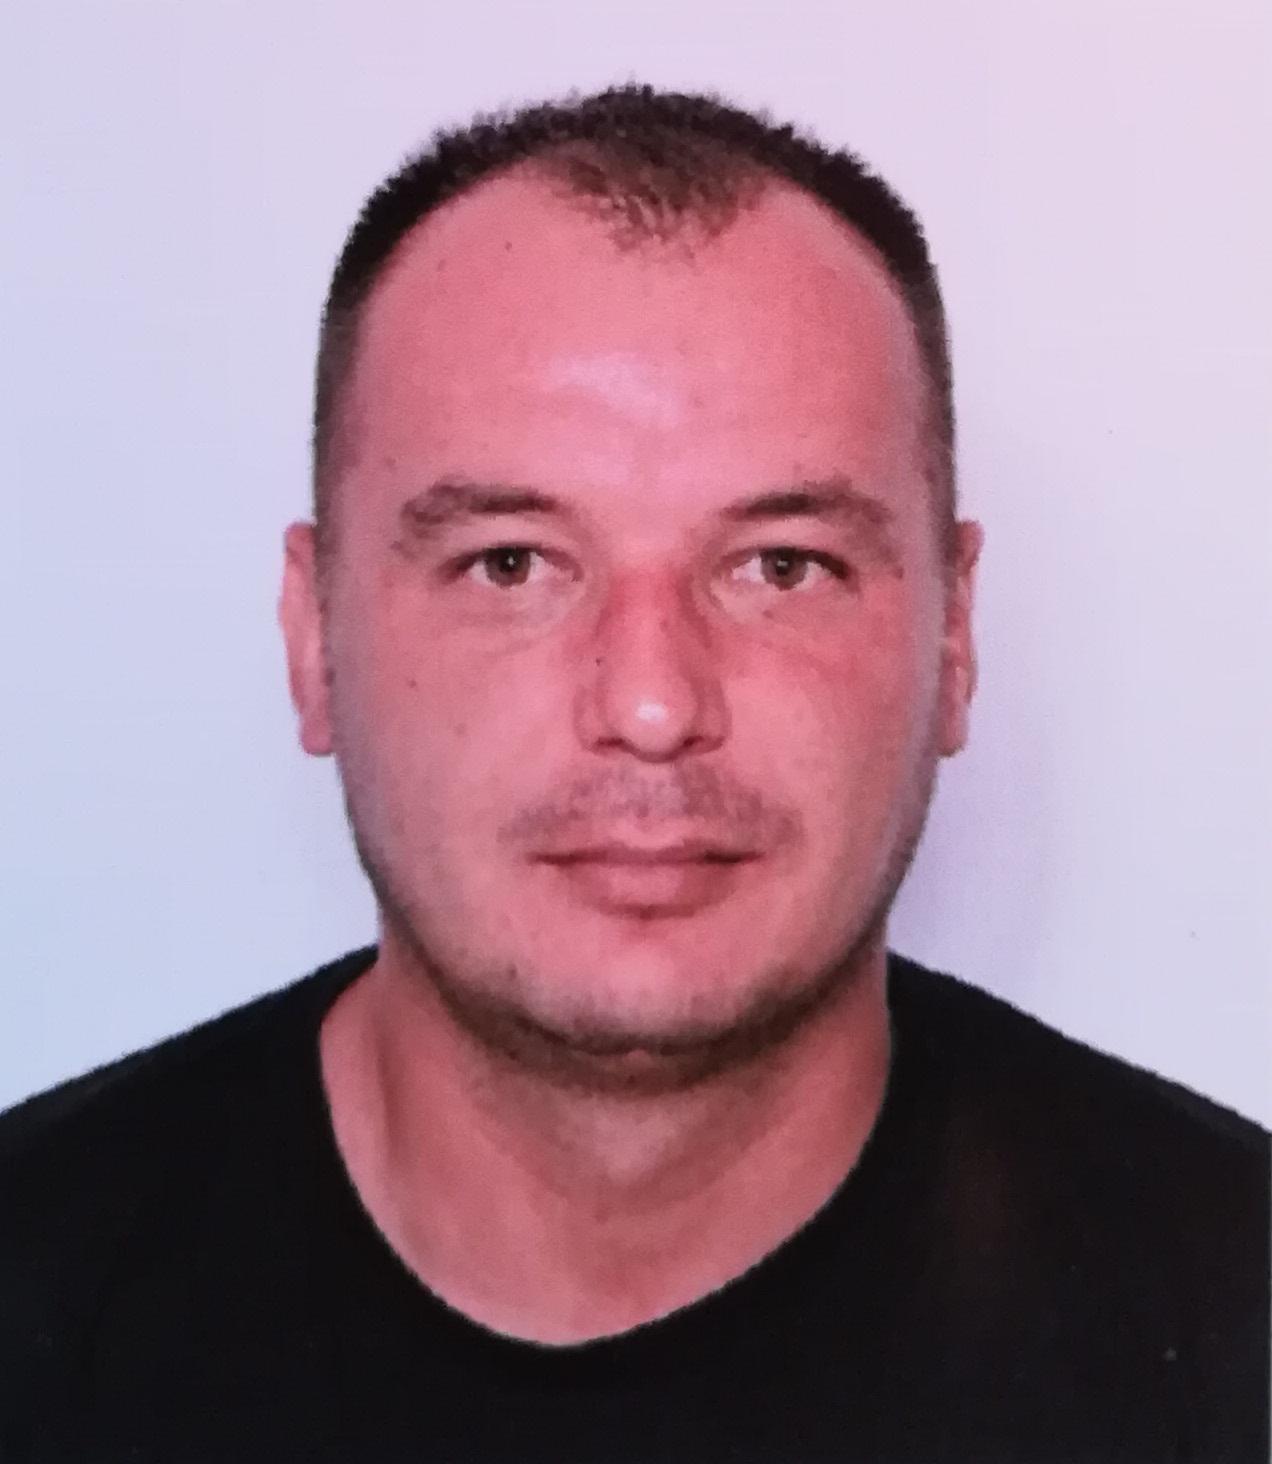 Jitaru Sorin